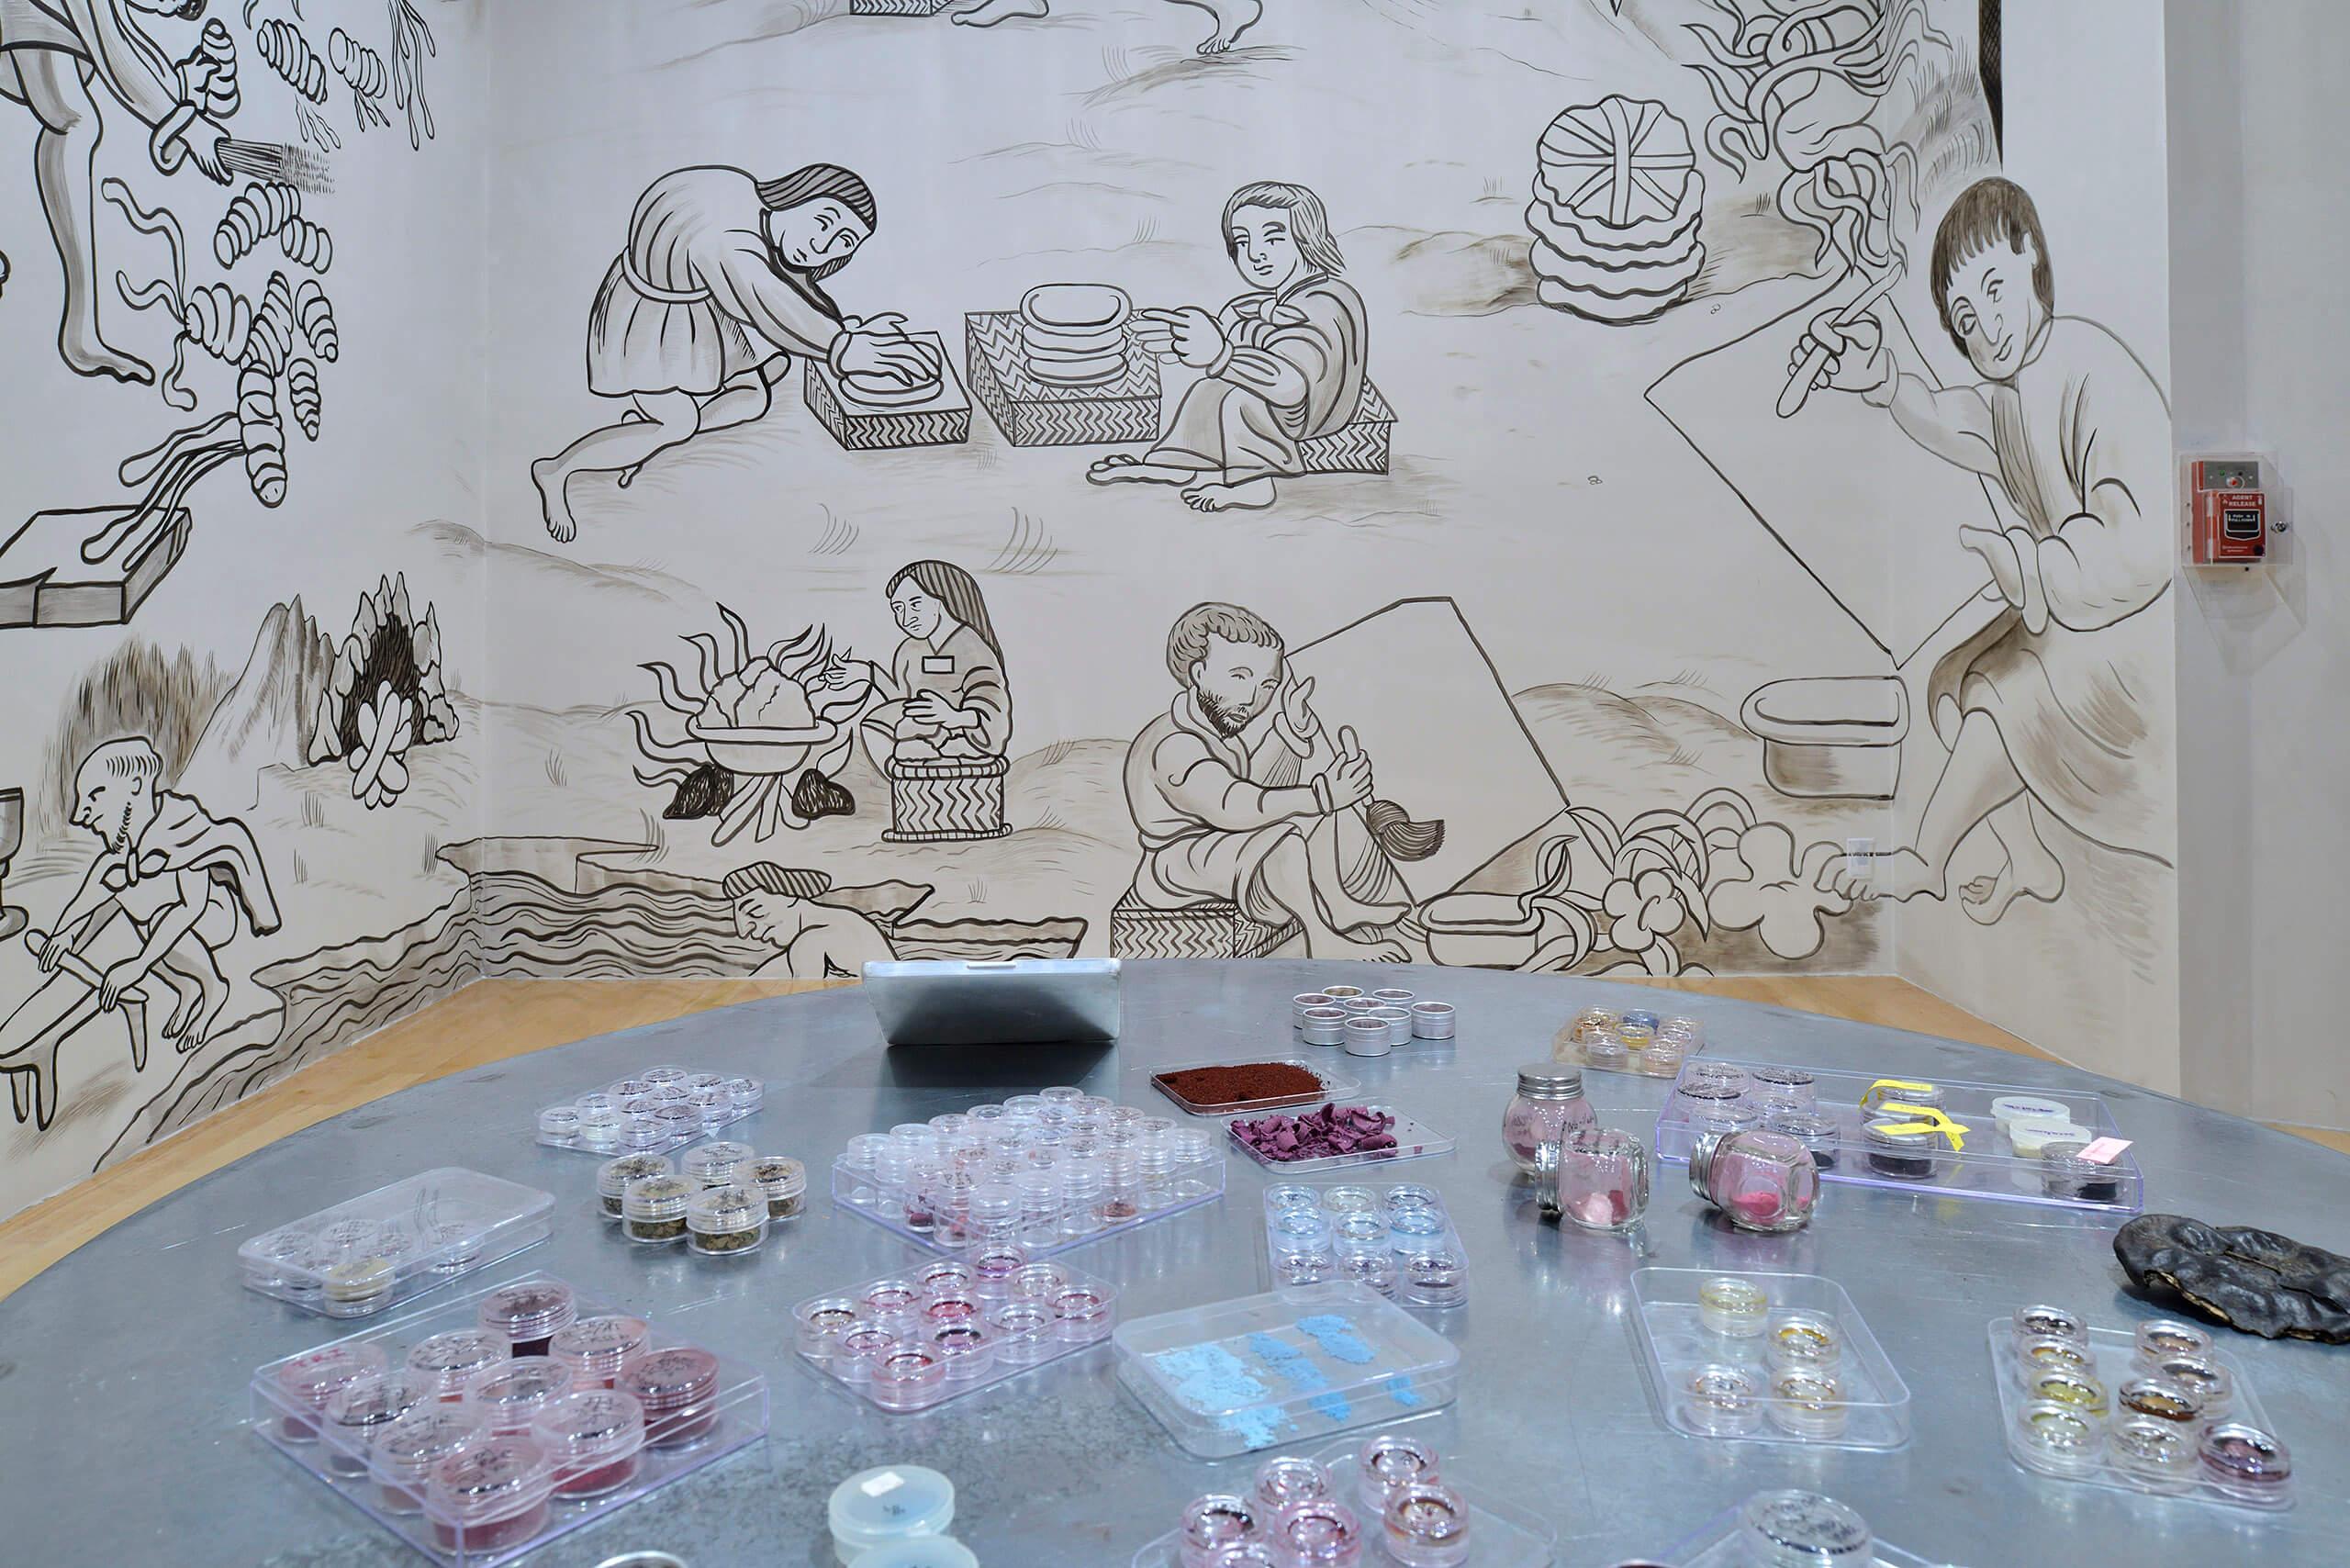 Para qué me diste las manos llenas de color, todo lo que toque se llenará de sol | In Tlilli in Tlapalli. Imágenes de la nueva tierra: identidad indígena después de la conquista | Museo Amparo, Puebla